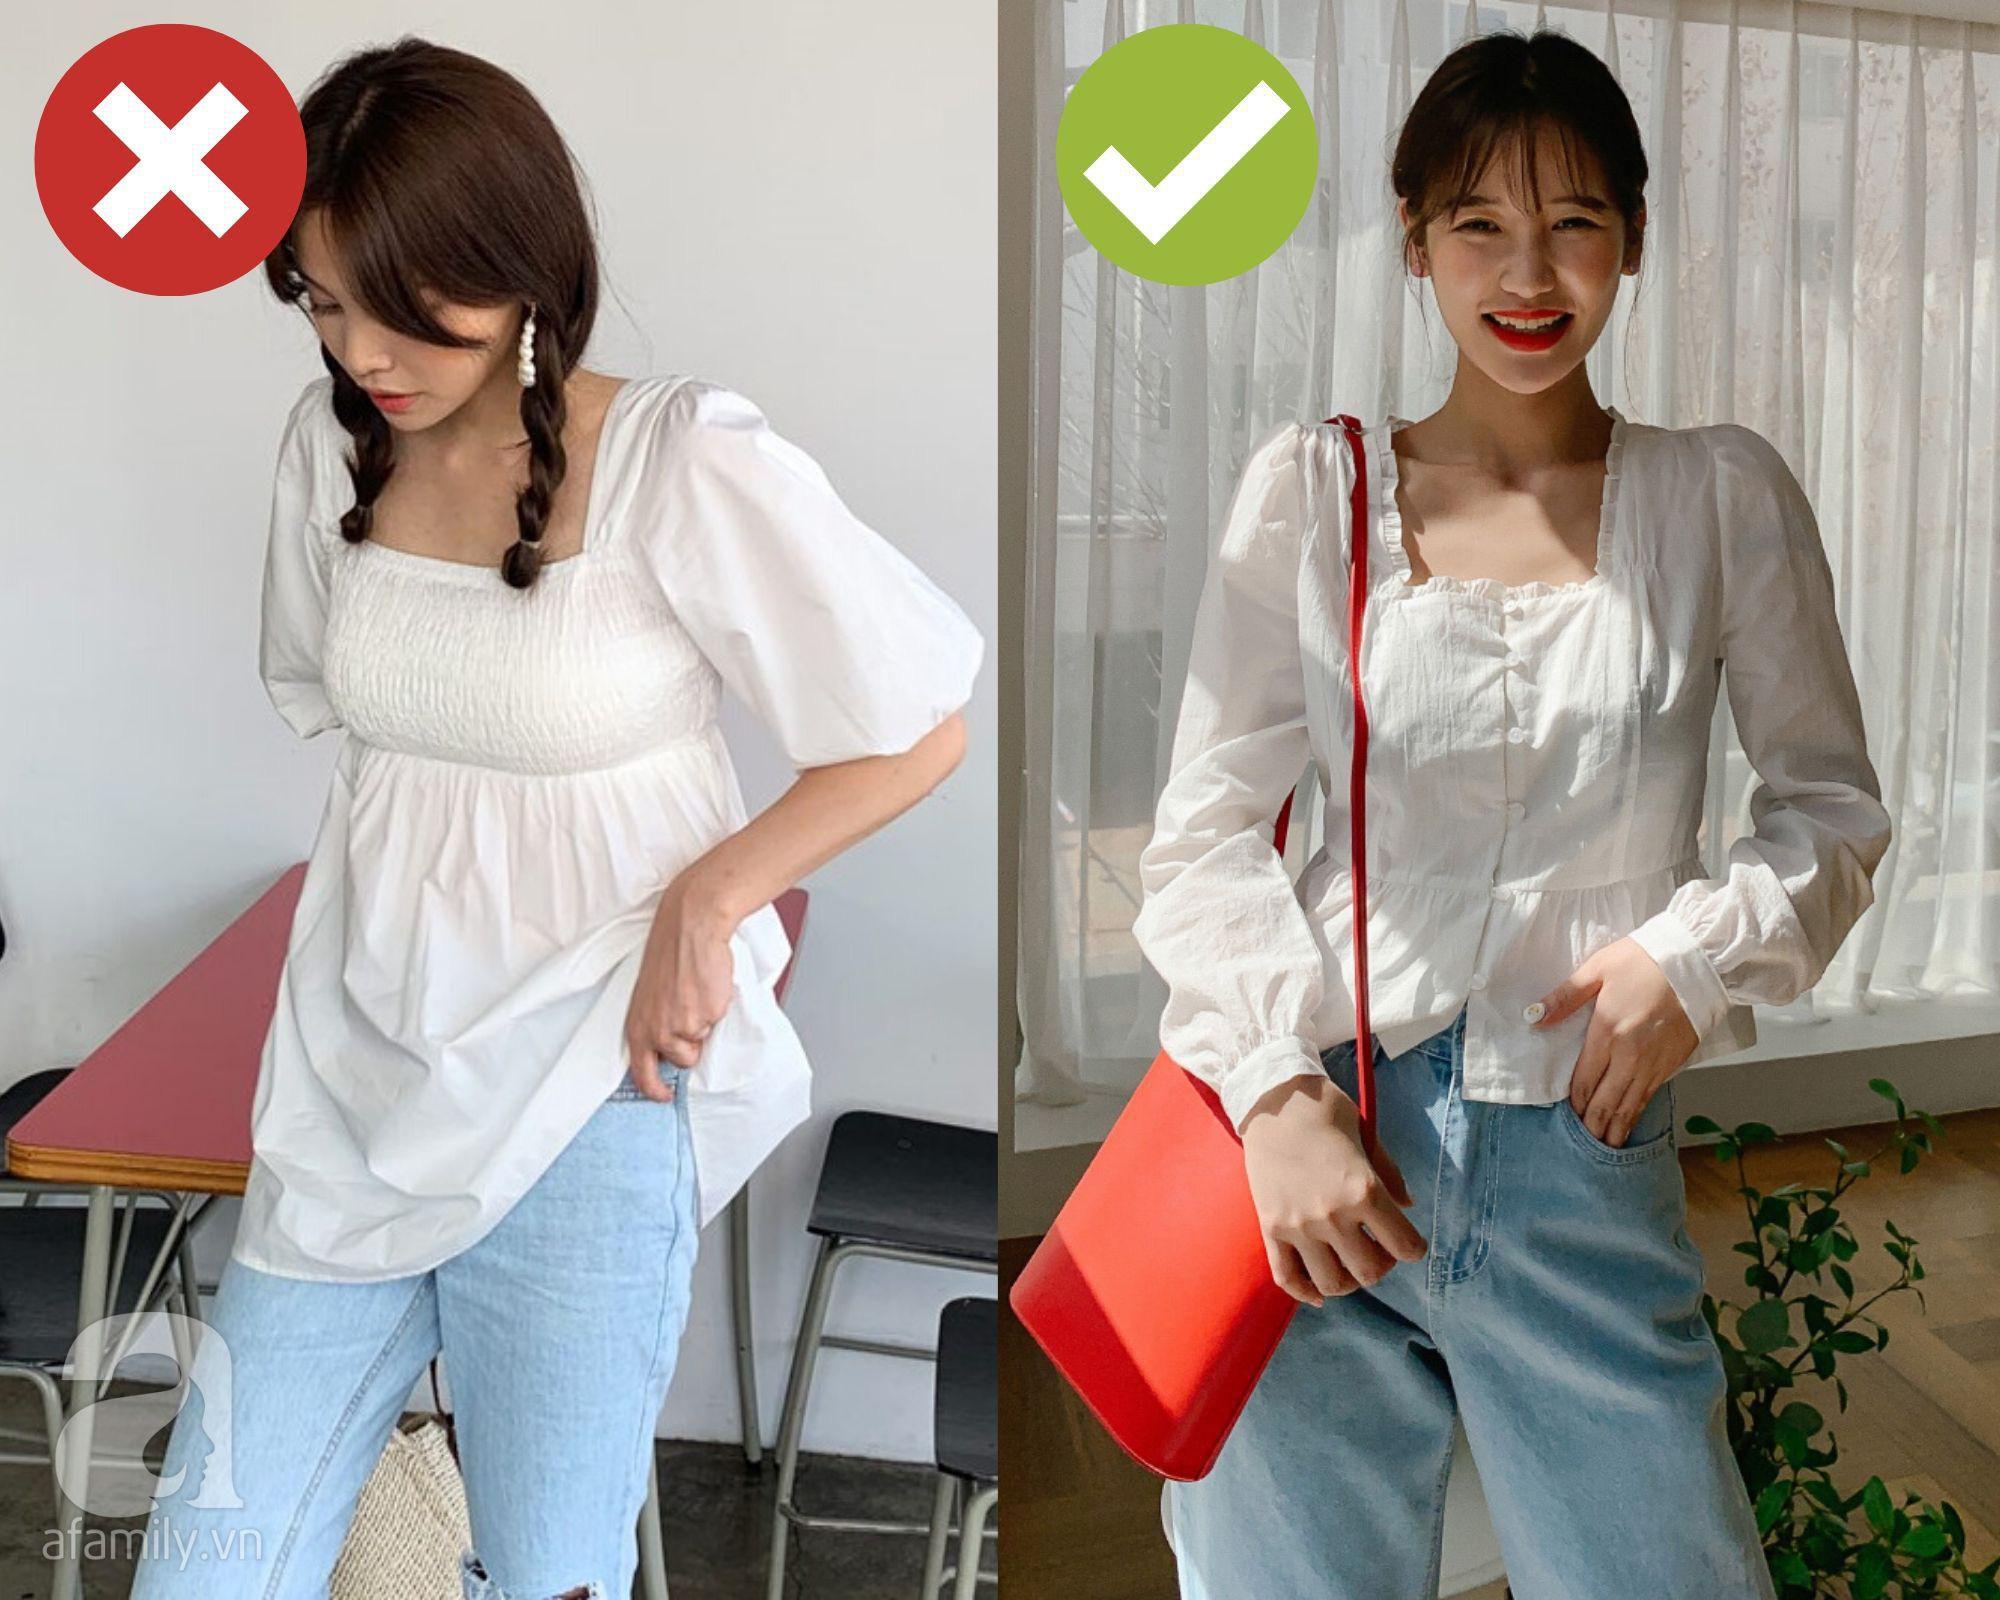 Còn chứa chấp 4 kiểu áo sơ mi/blouse sau thì bạn còn mặc xấu, tất cả nên được dọn bớt cho đỡ chật tủ áo quần Ảnh 1